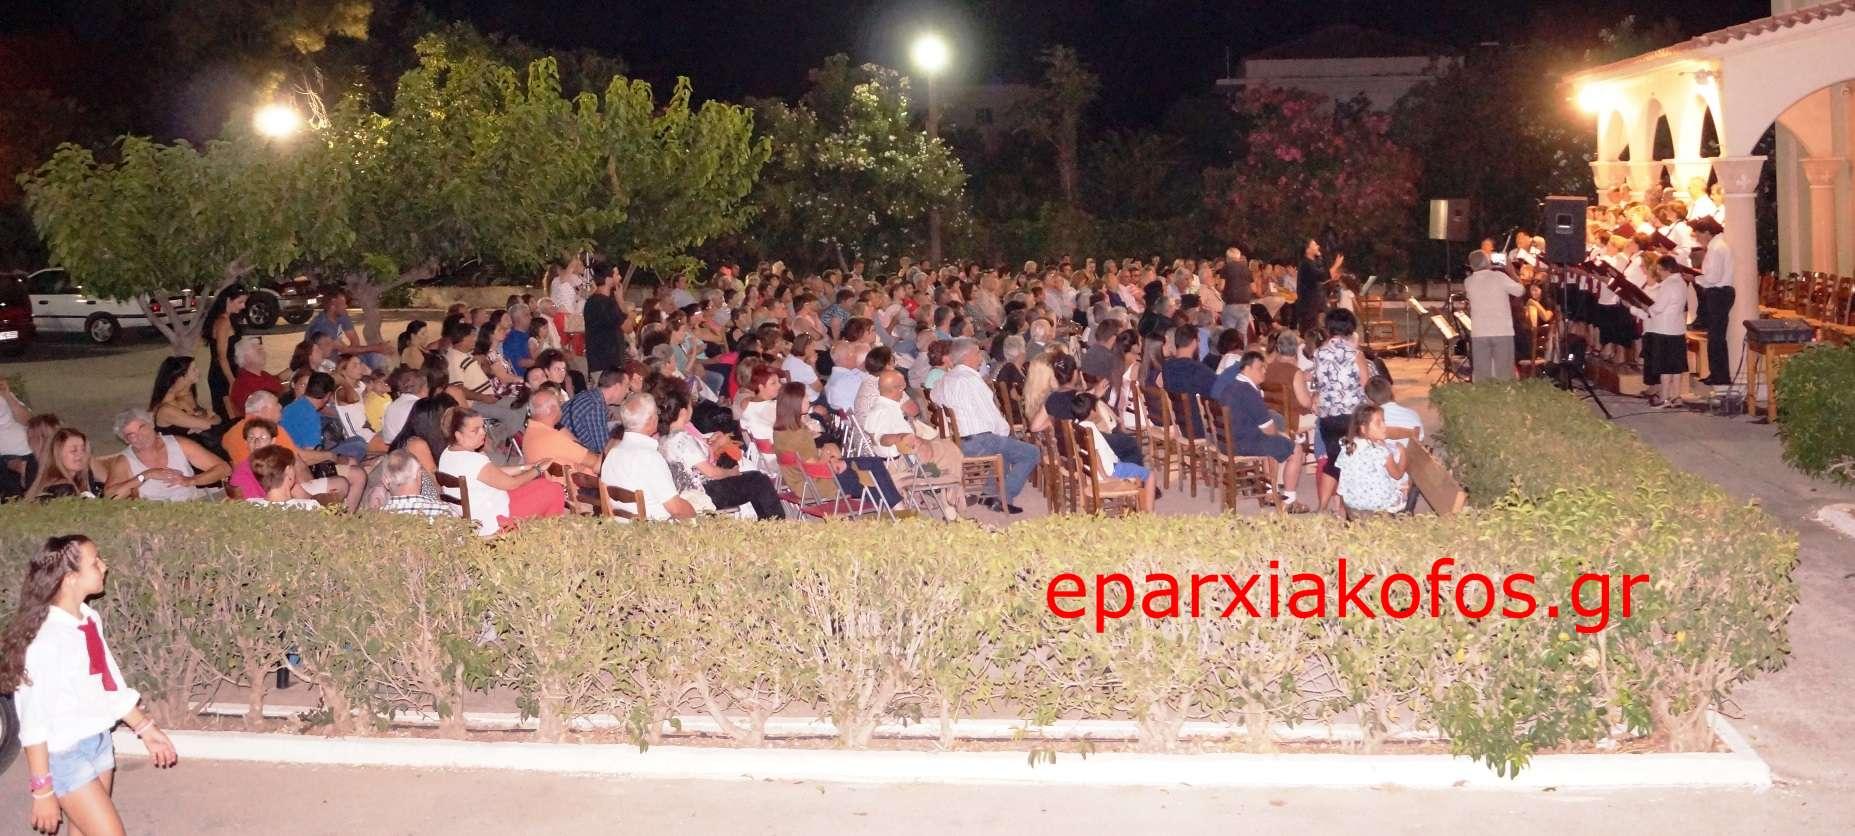 eparxiakofos0020